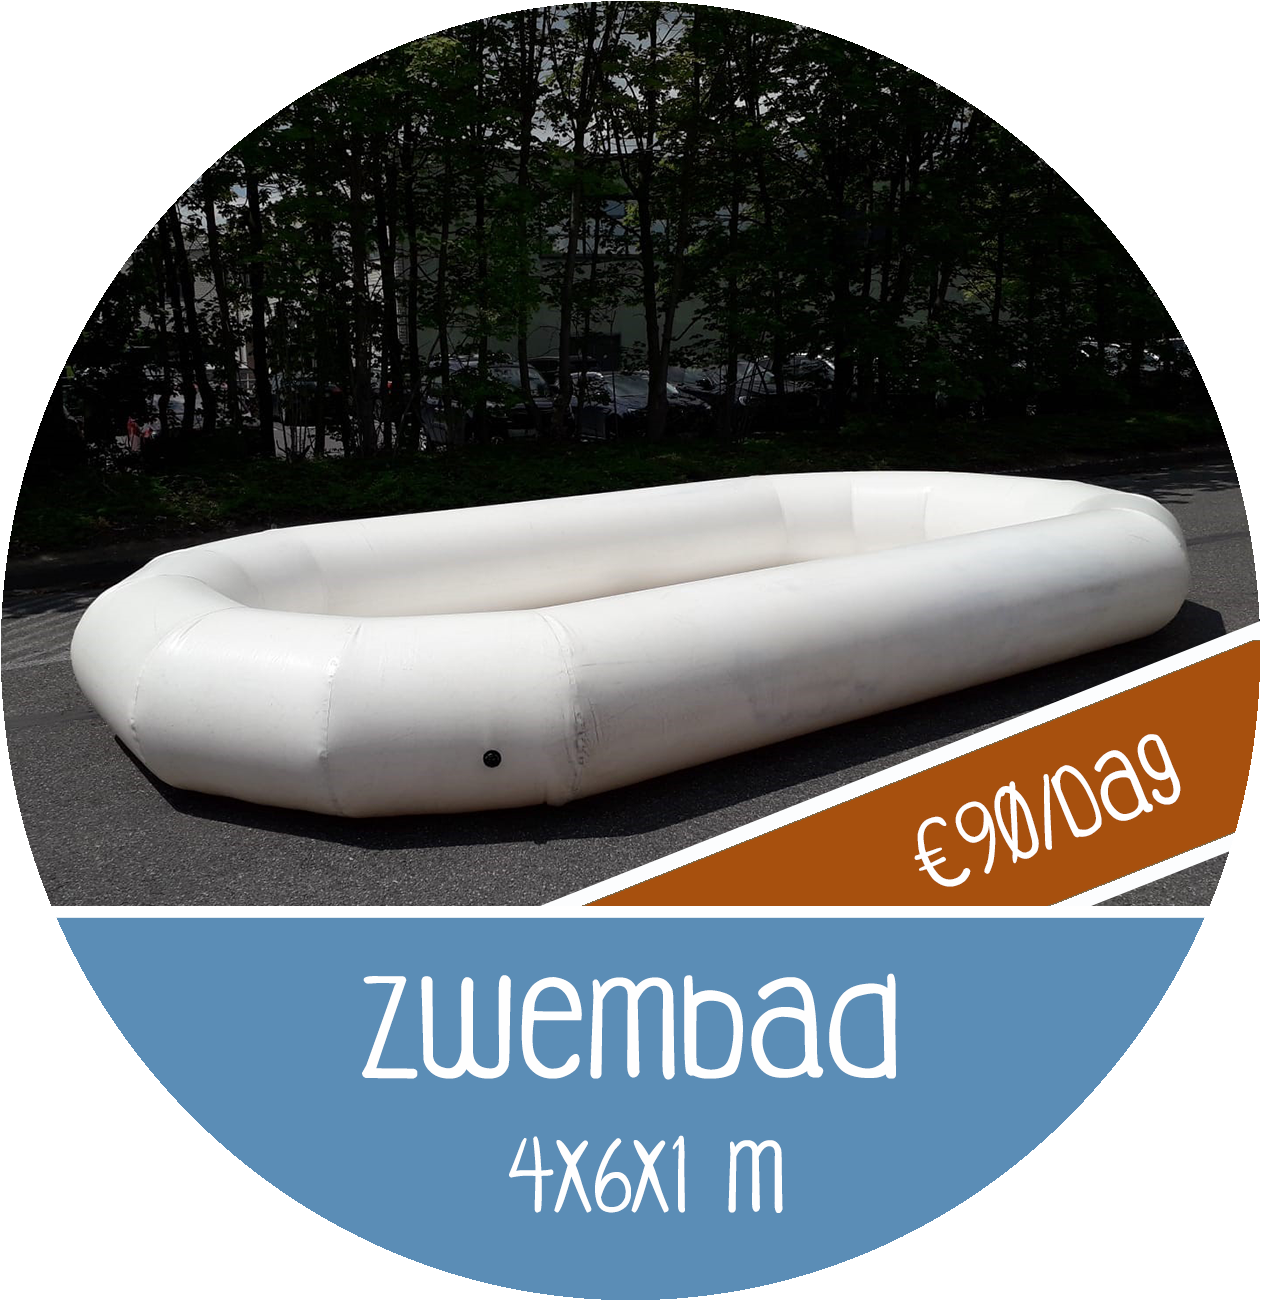 Zwembad verhuur en zwembad huren 4x6x1m.jpeg